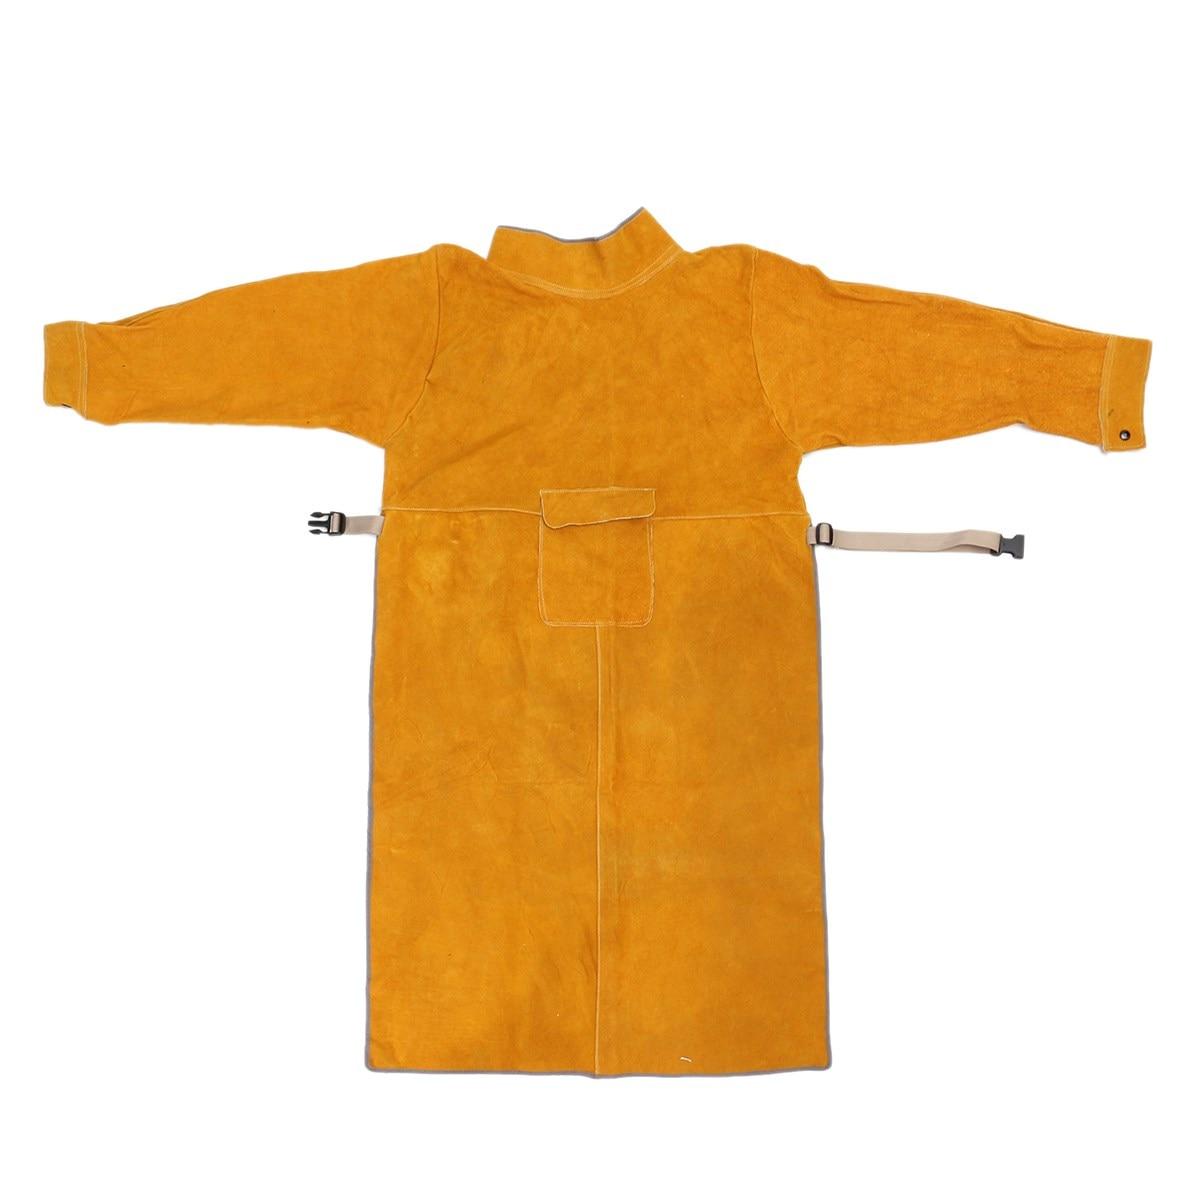 bilder für Strapazierfähigem leder schweiß lange mantel schürze schutz clothing anzug schweißer arbeitssicherheit clothing